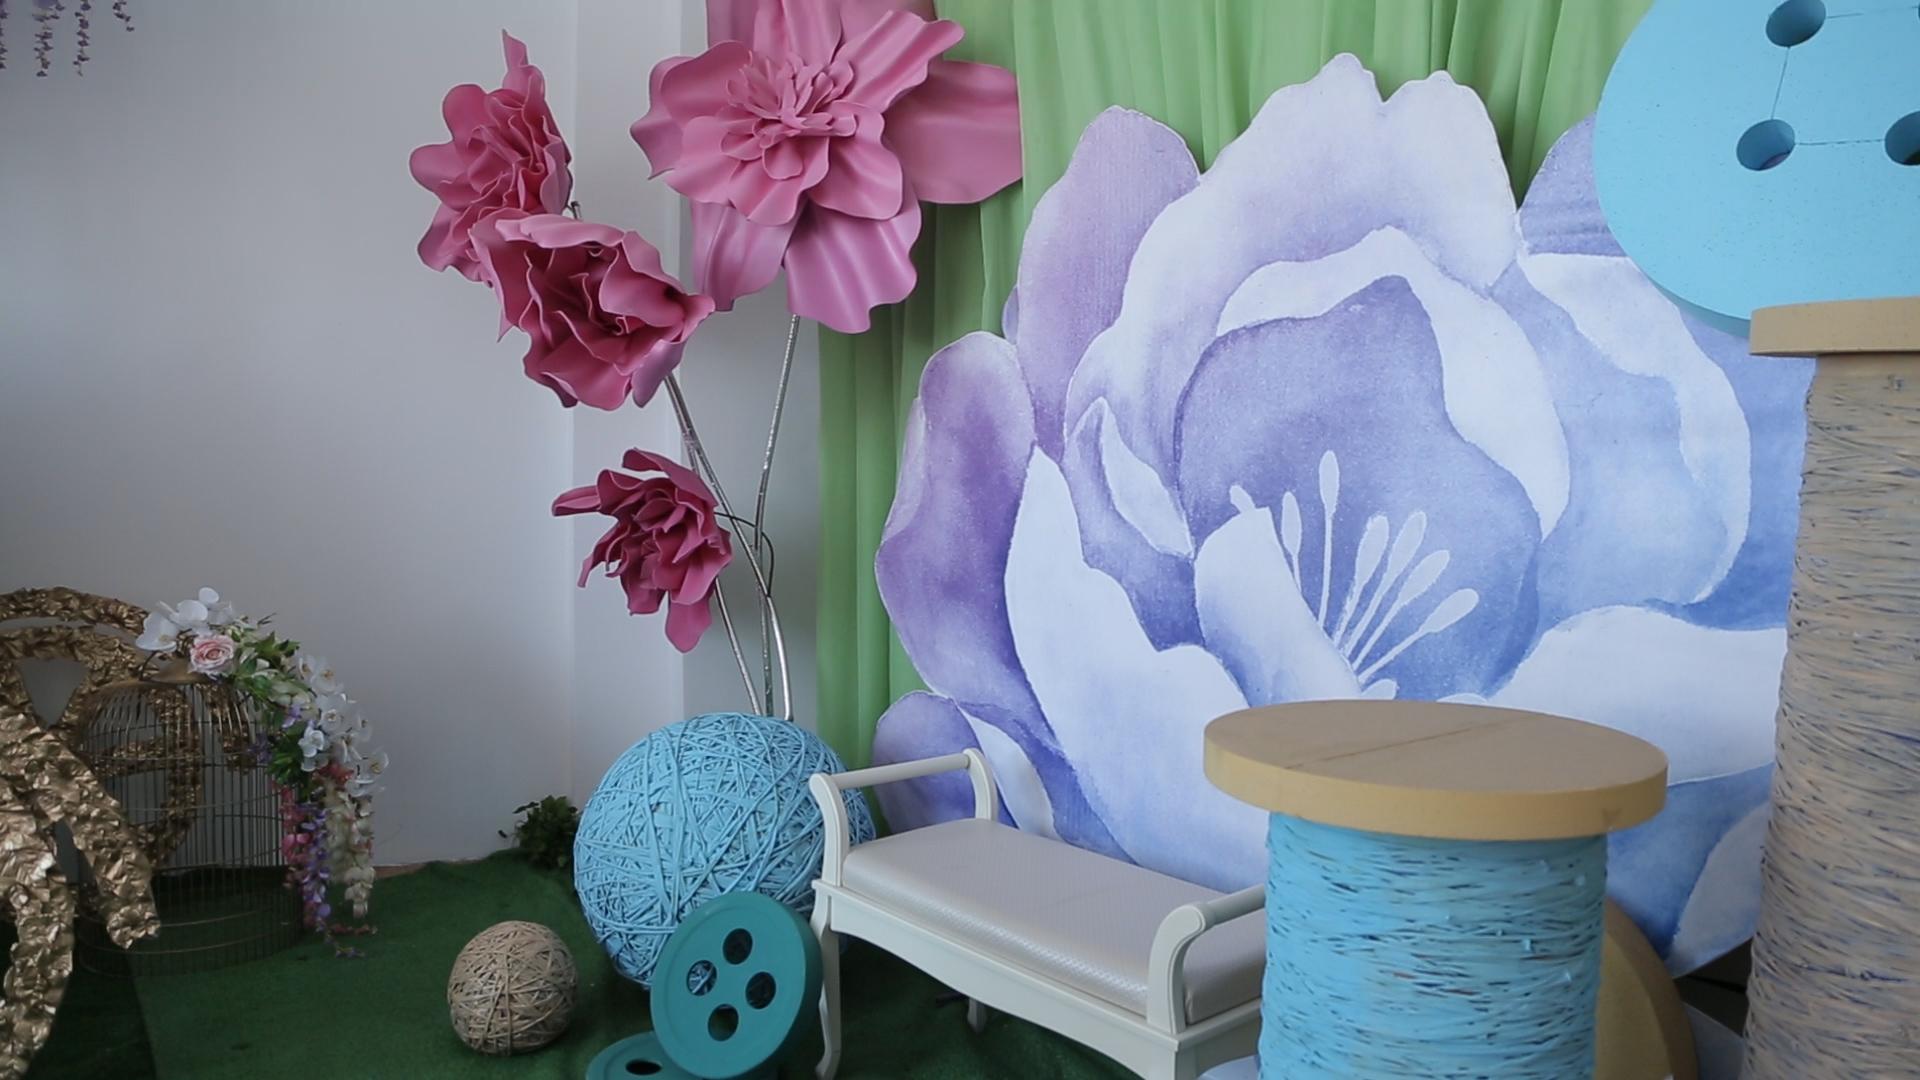 Бизнес девушек начался с гигантских цветов